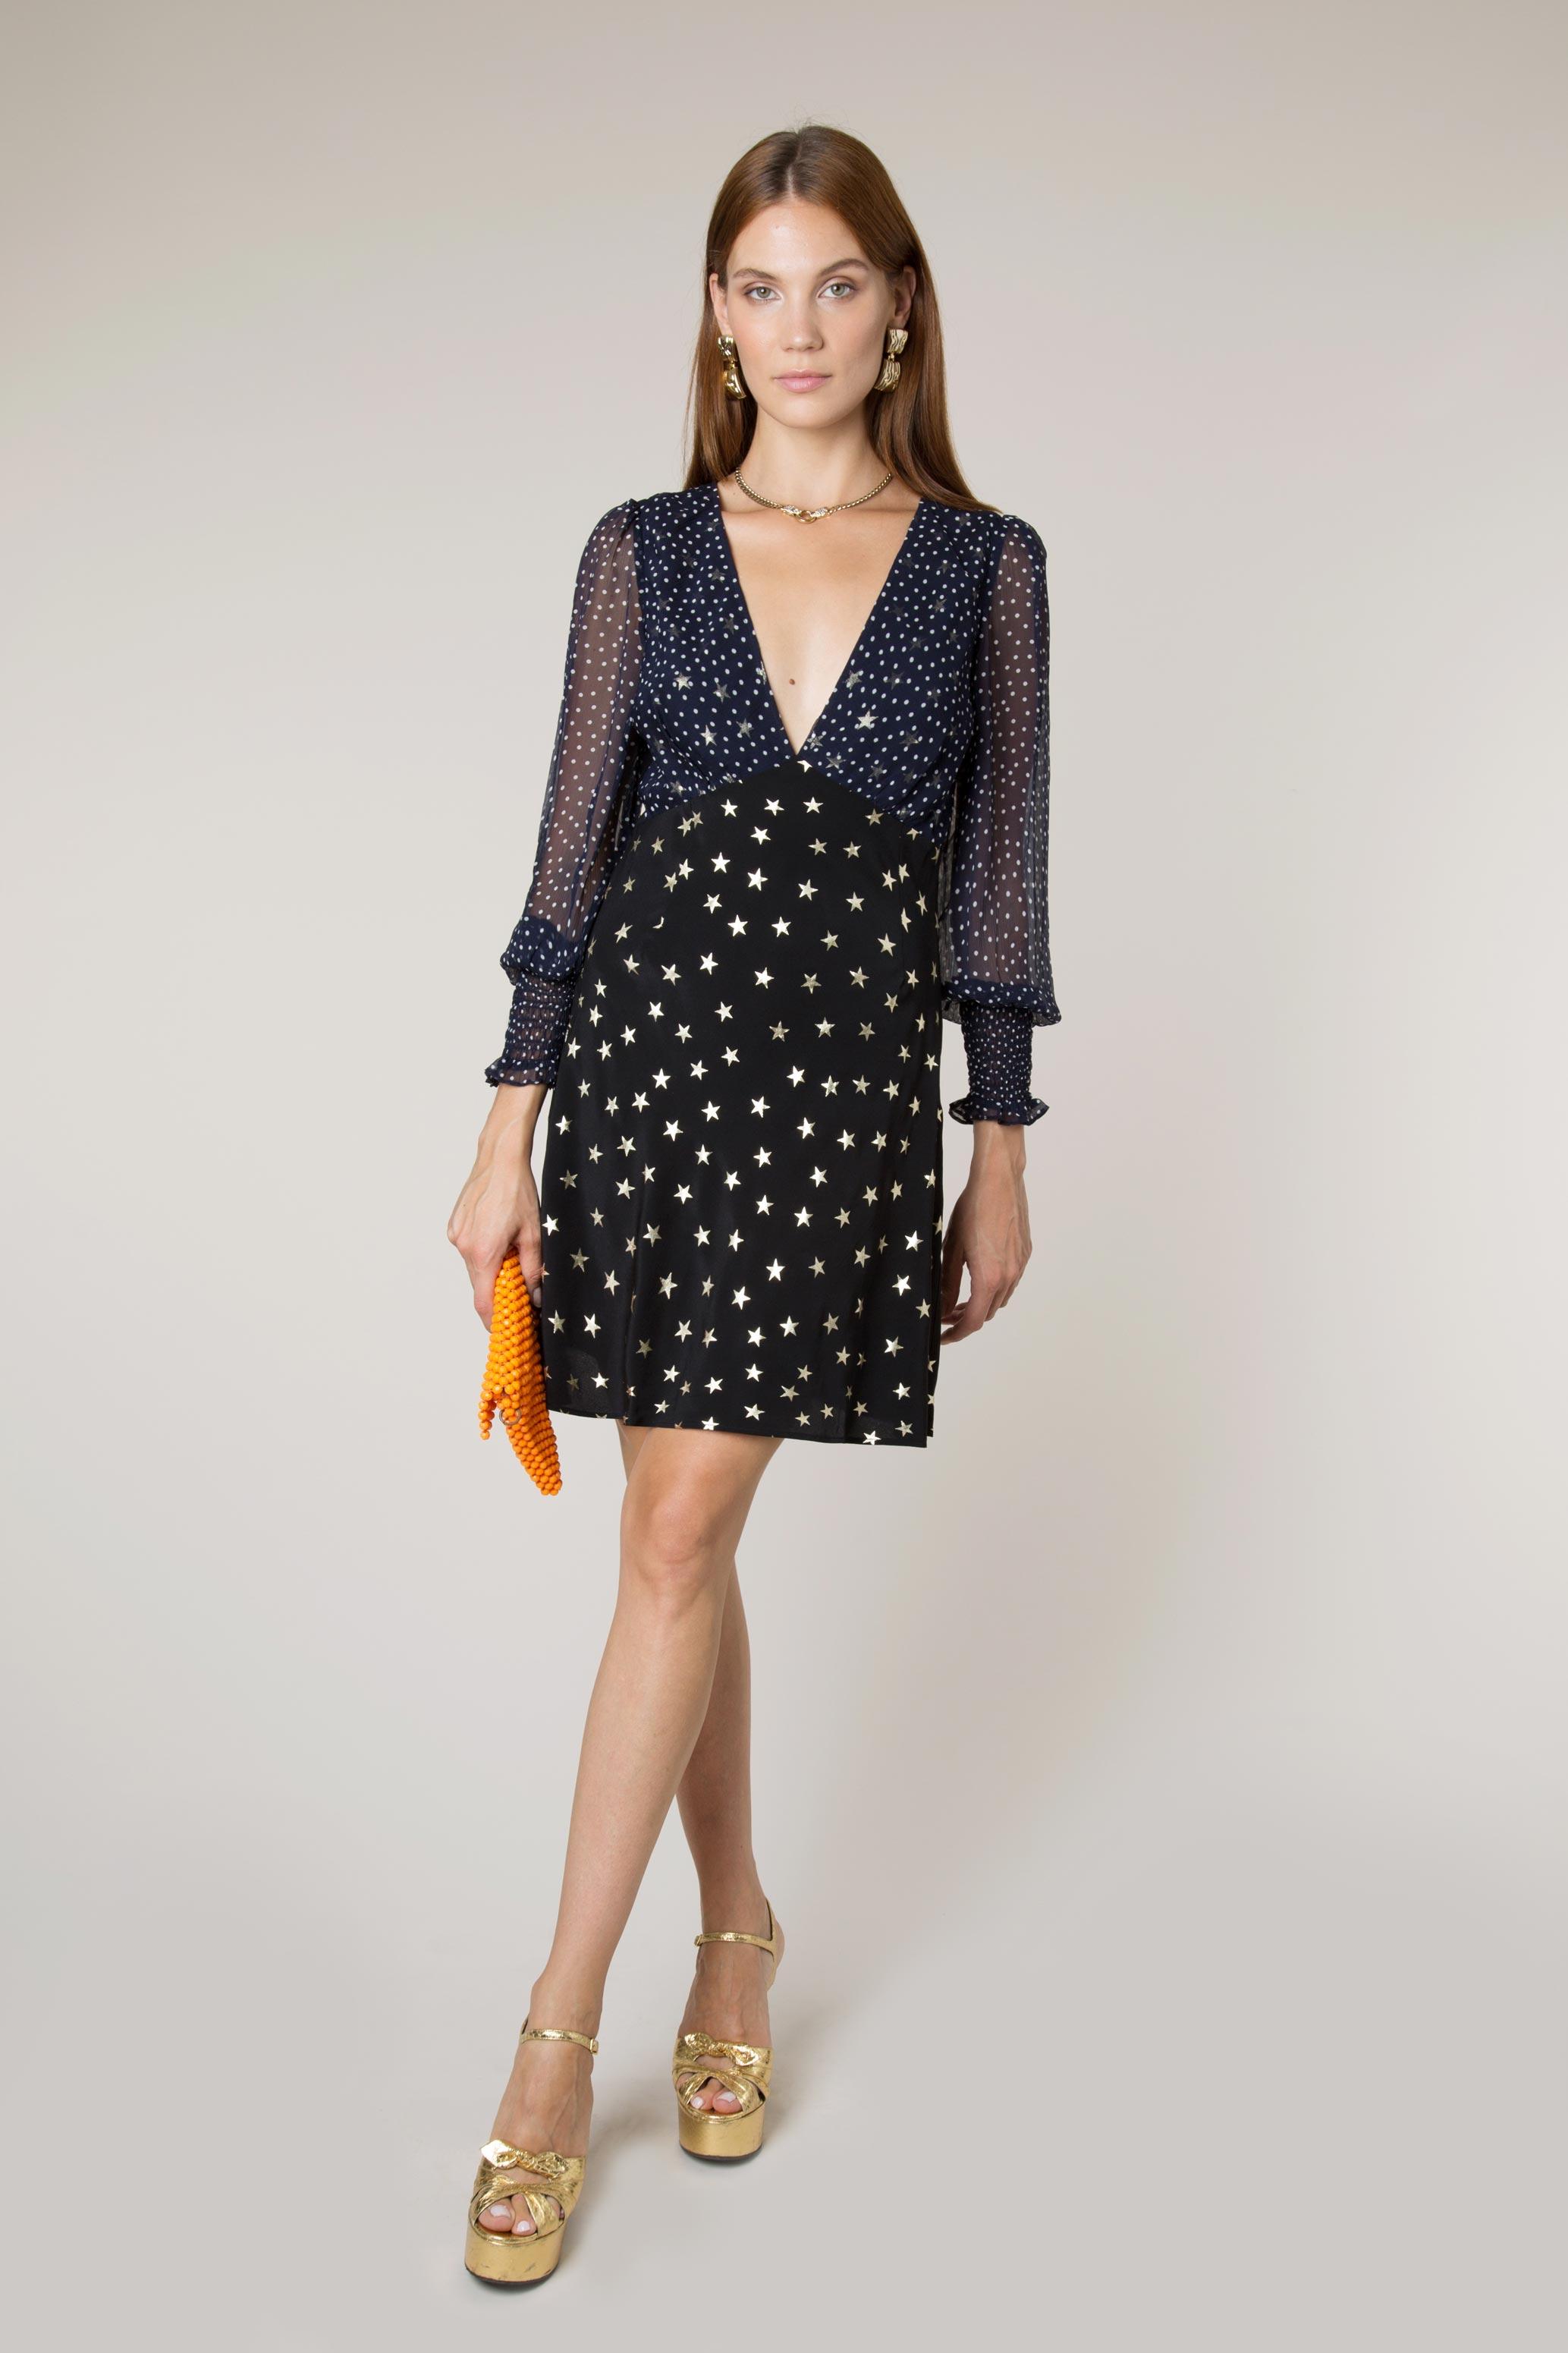 - Lia All Star & Navy Micro Dot Mini Dress